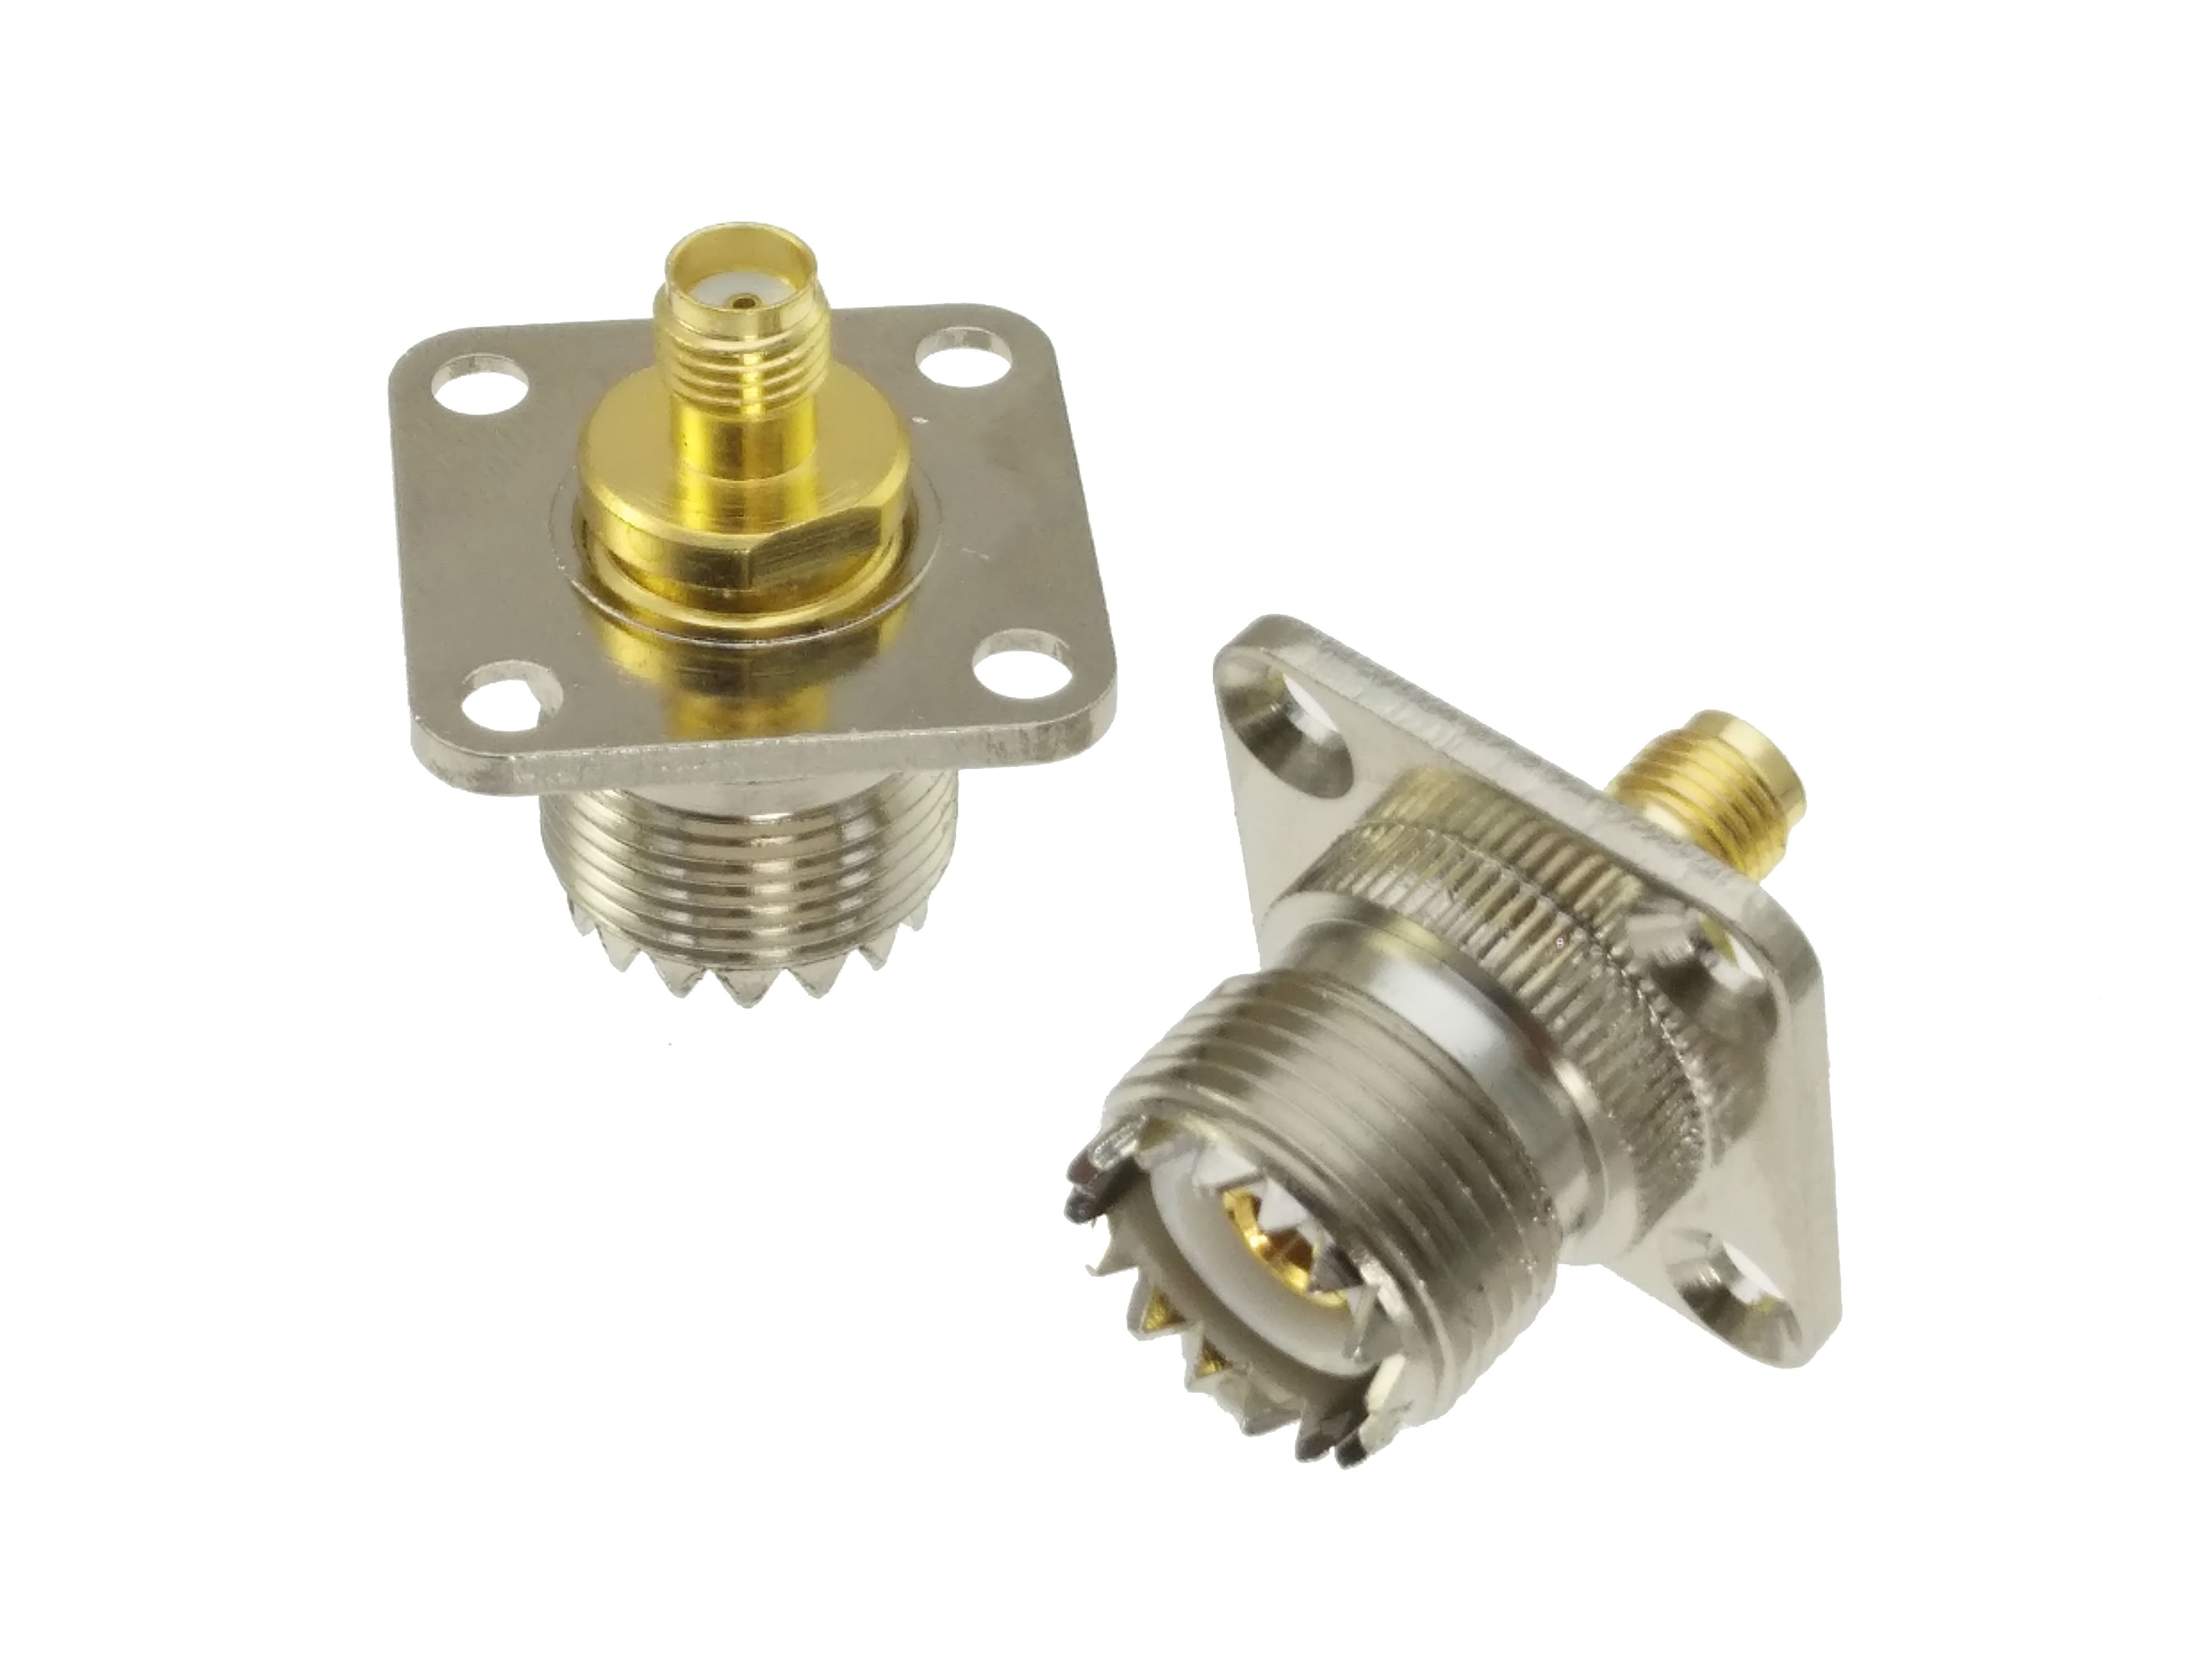 UHF Female SO239 Jack To SMA Female JACK 4-holes Flange Mount RF Adapter Connector